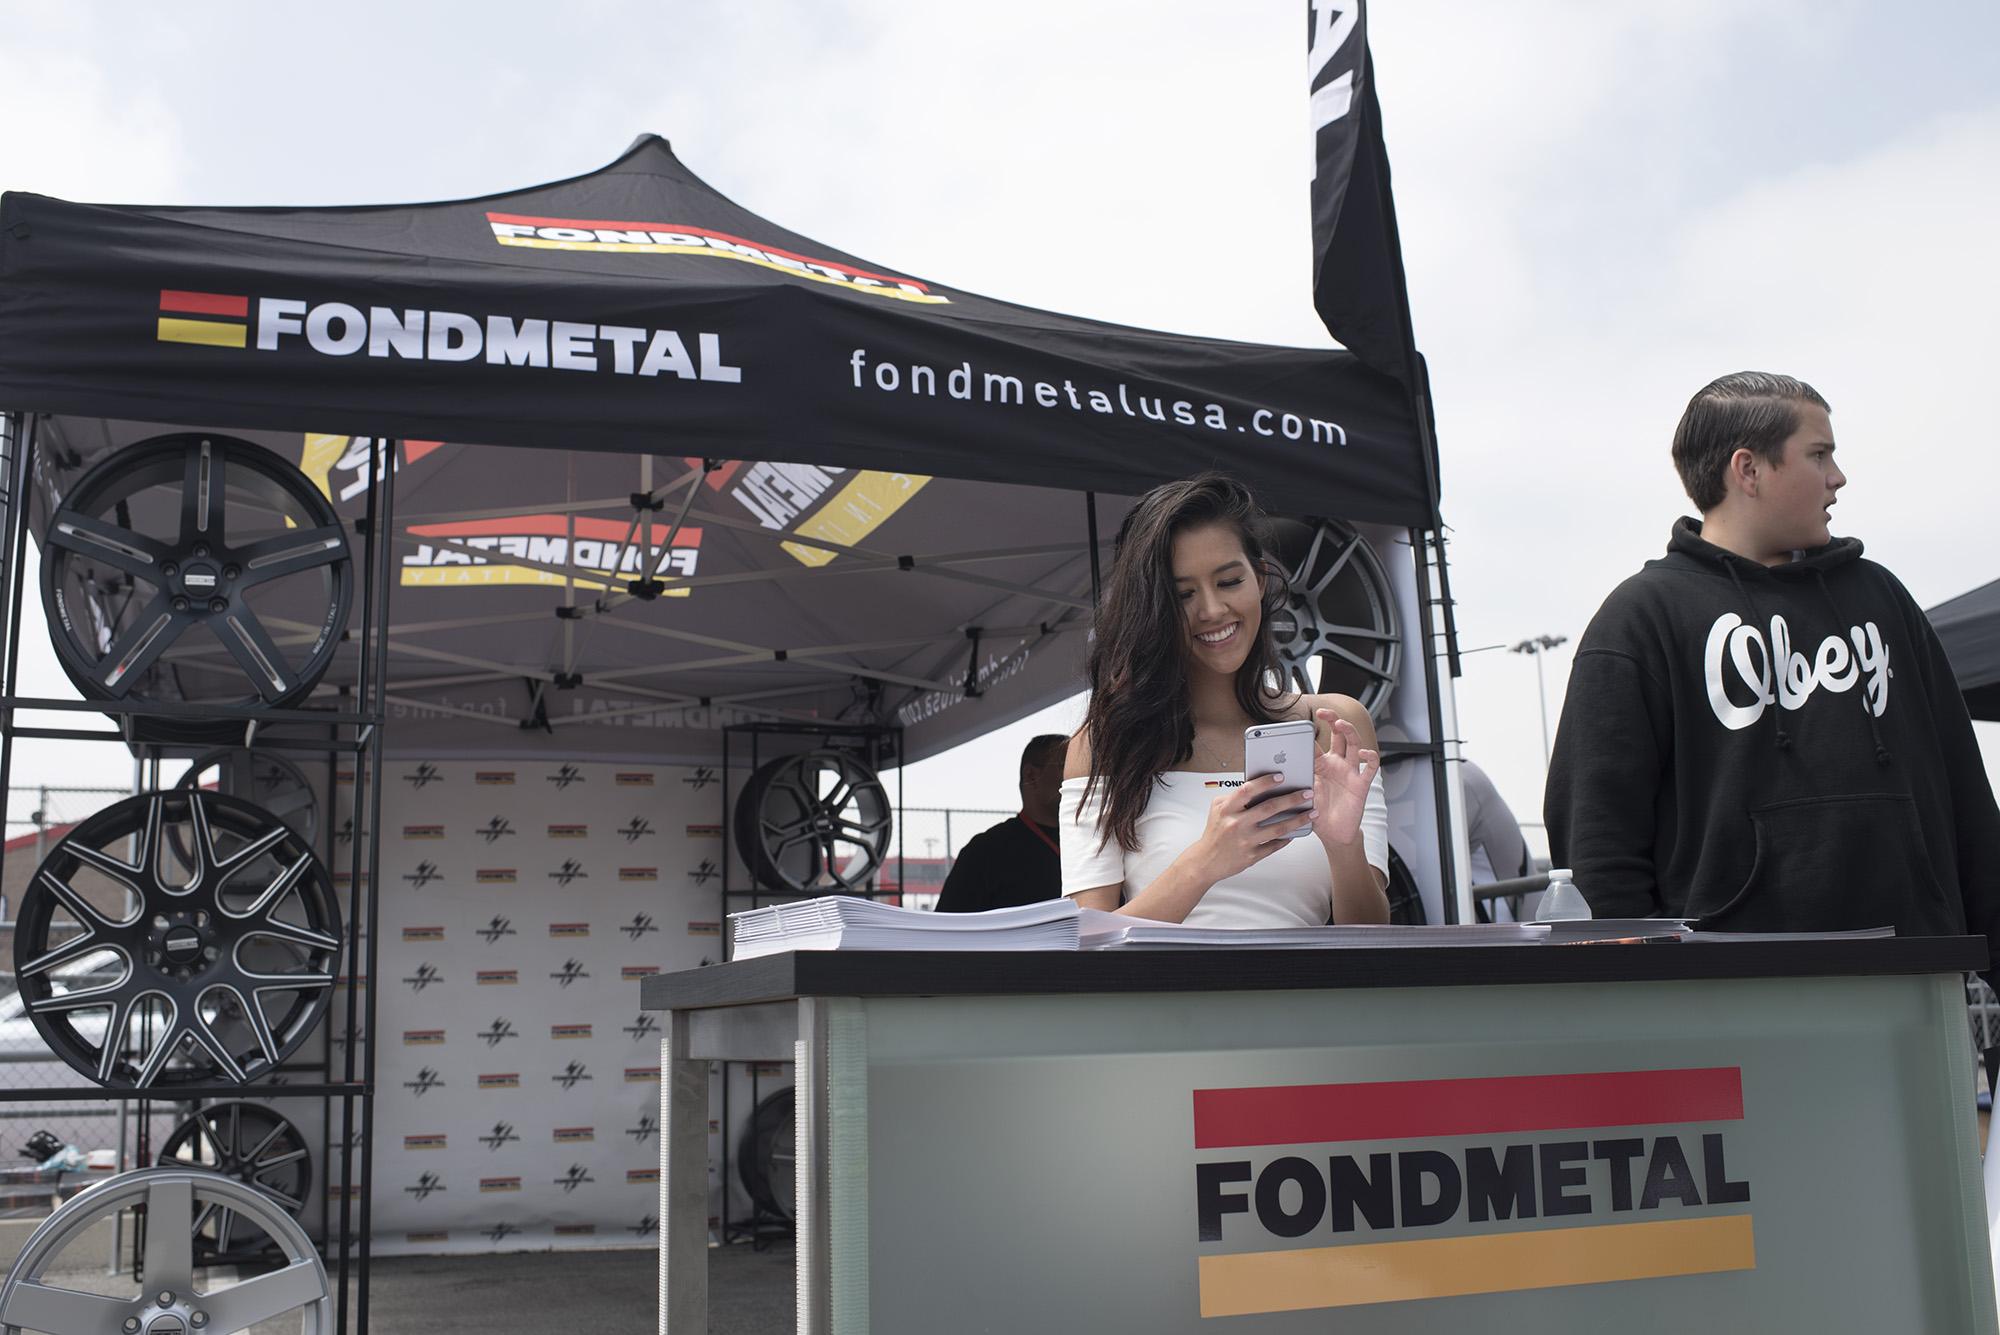 Fondmetal at Bimmerfest 2016